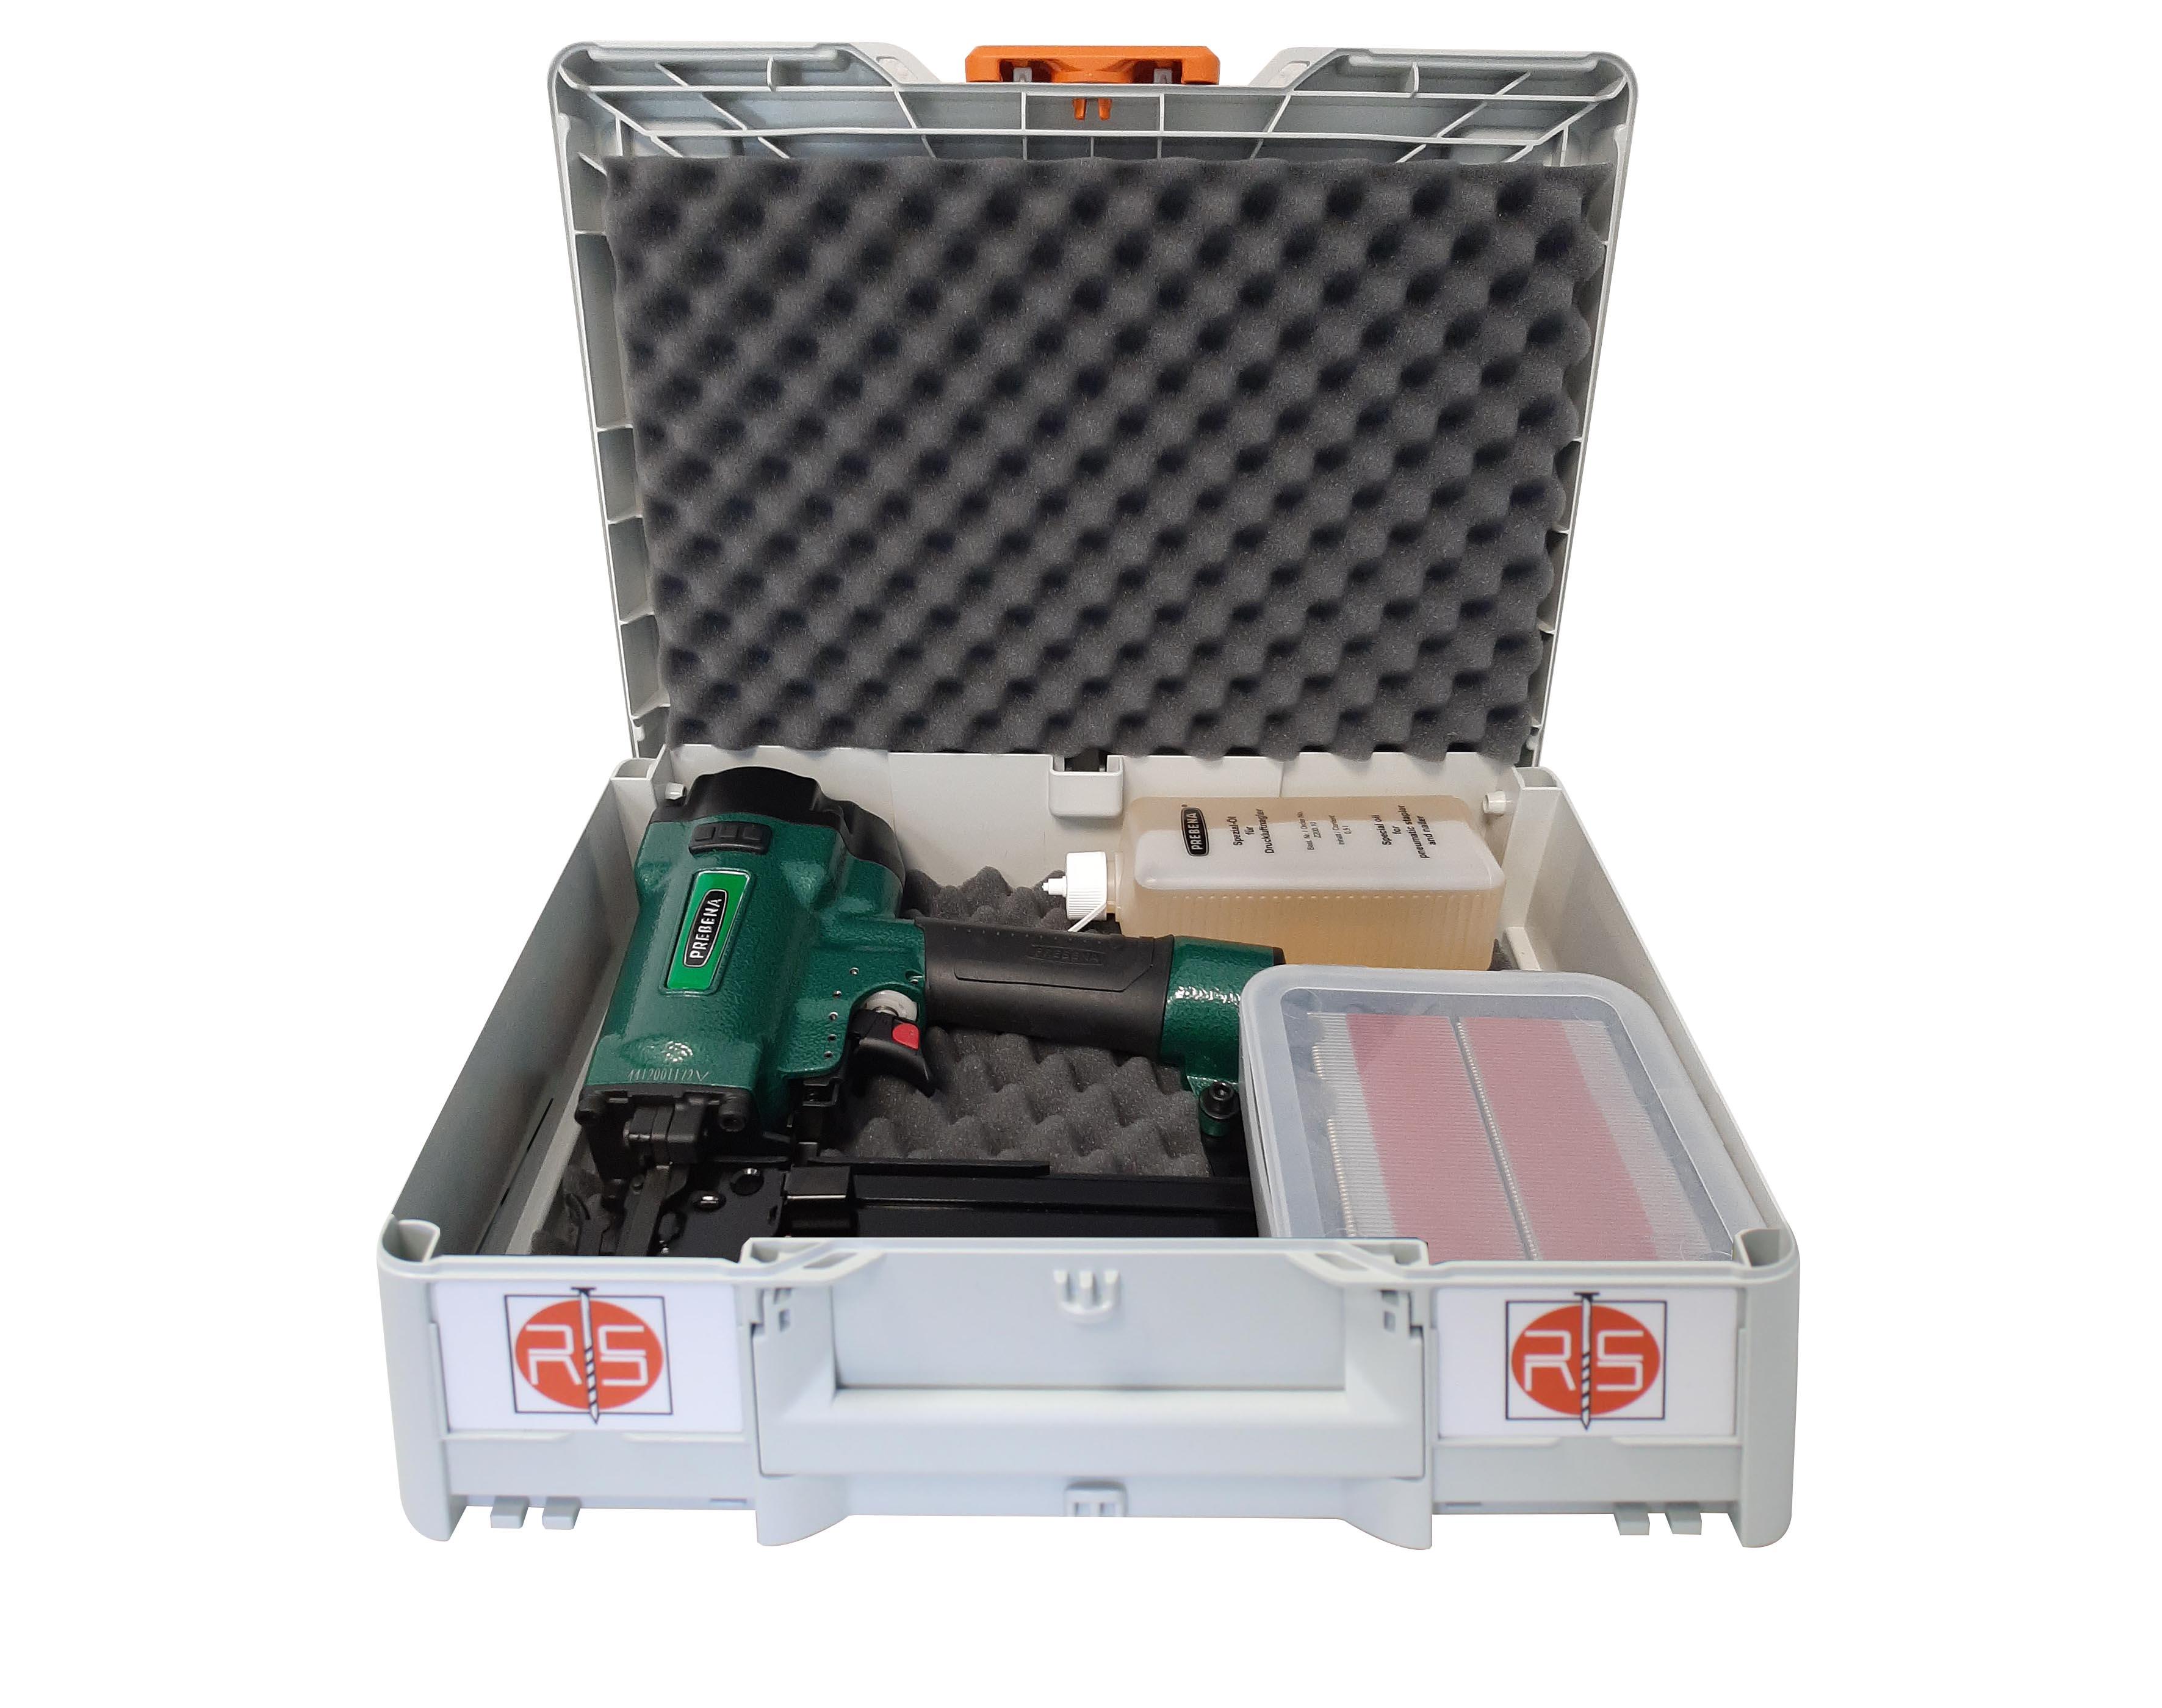 Systainer Box Nr. 20 - Systainer-Koffer mit PREBENA Druckluftnagler 4C-Z50, Heftklammern, Öl & Schut